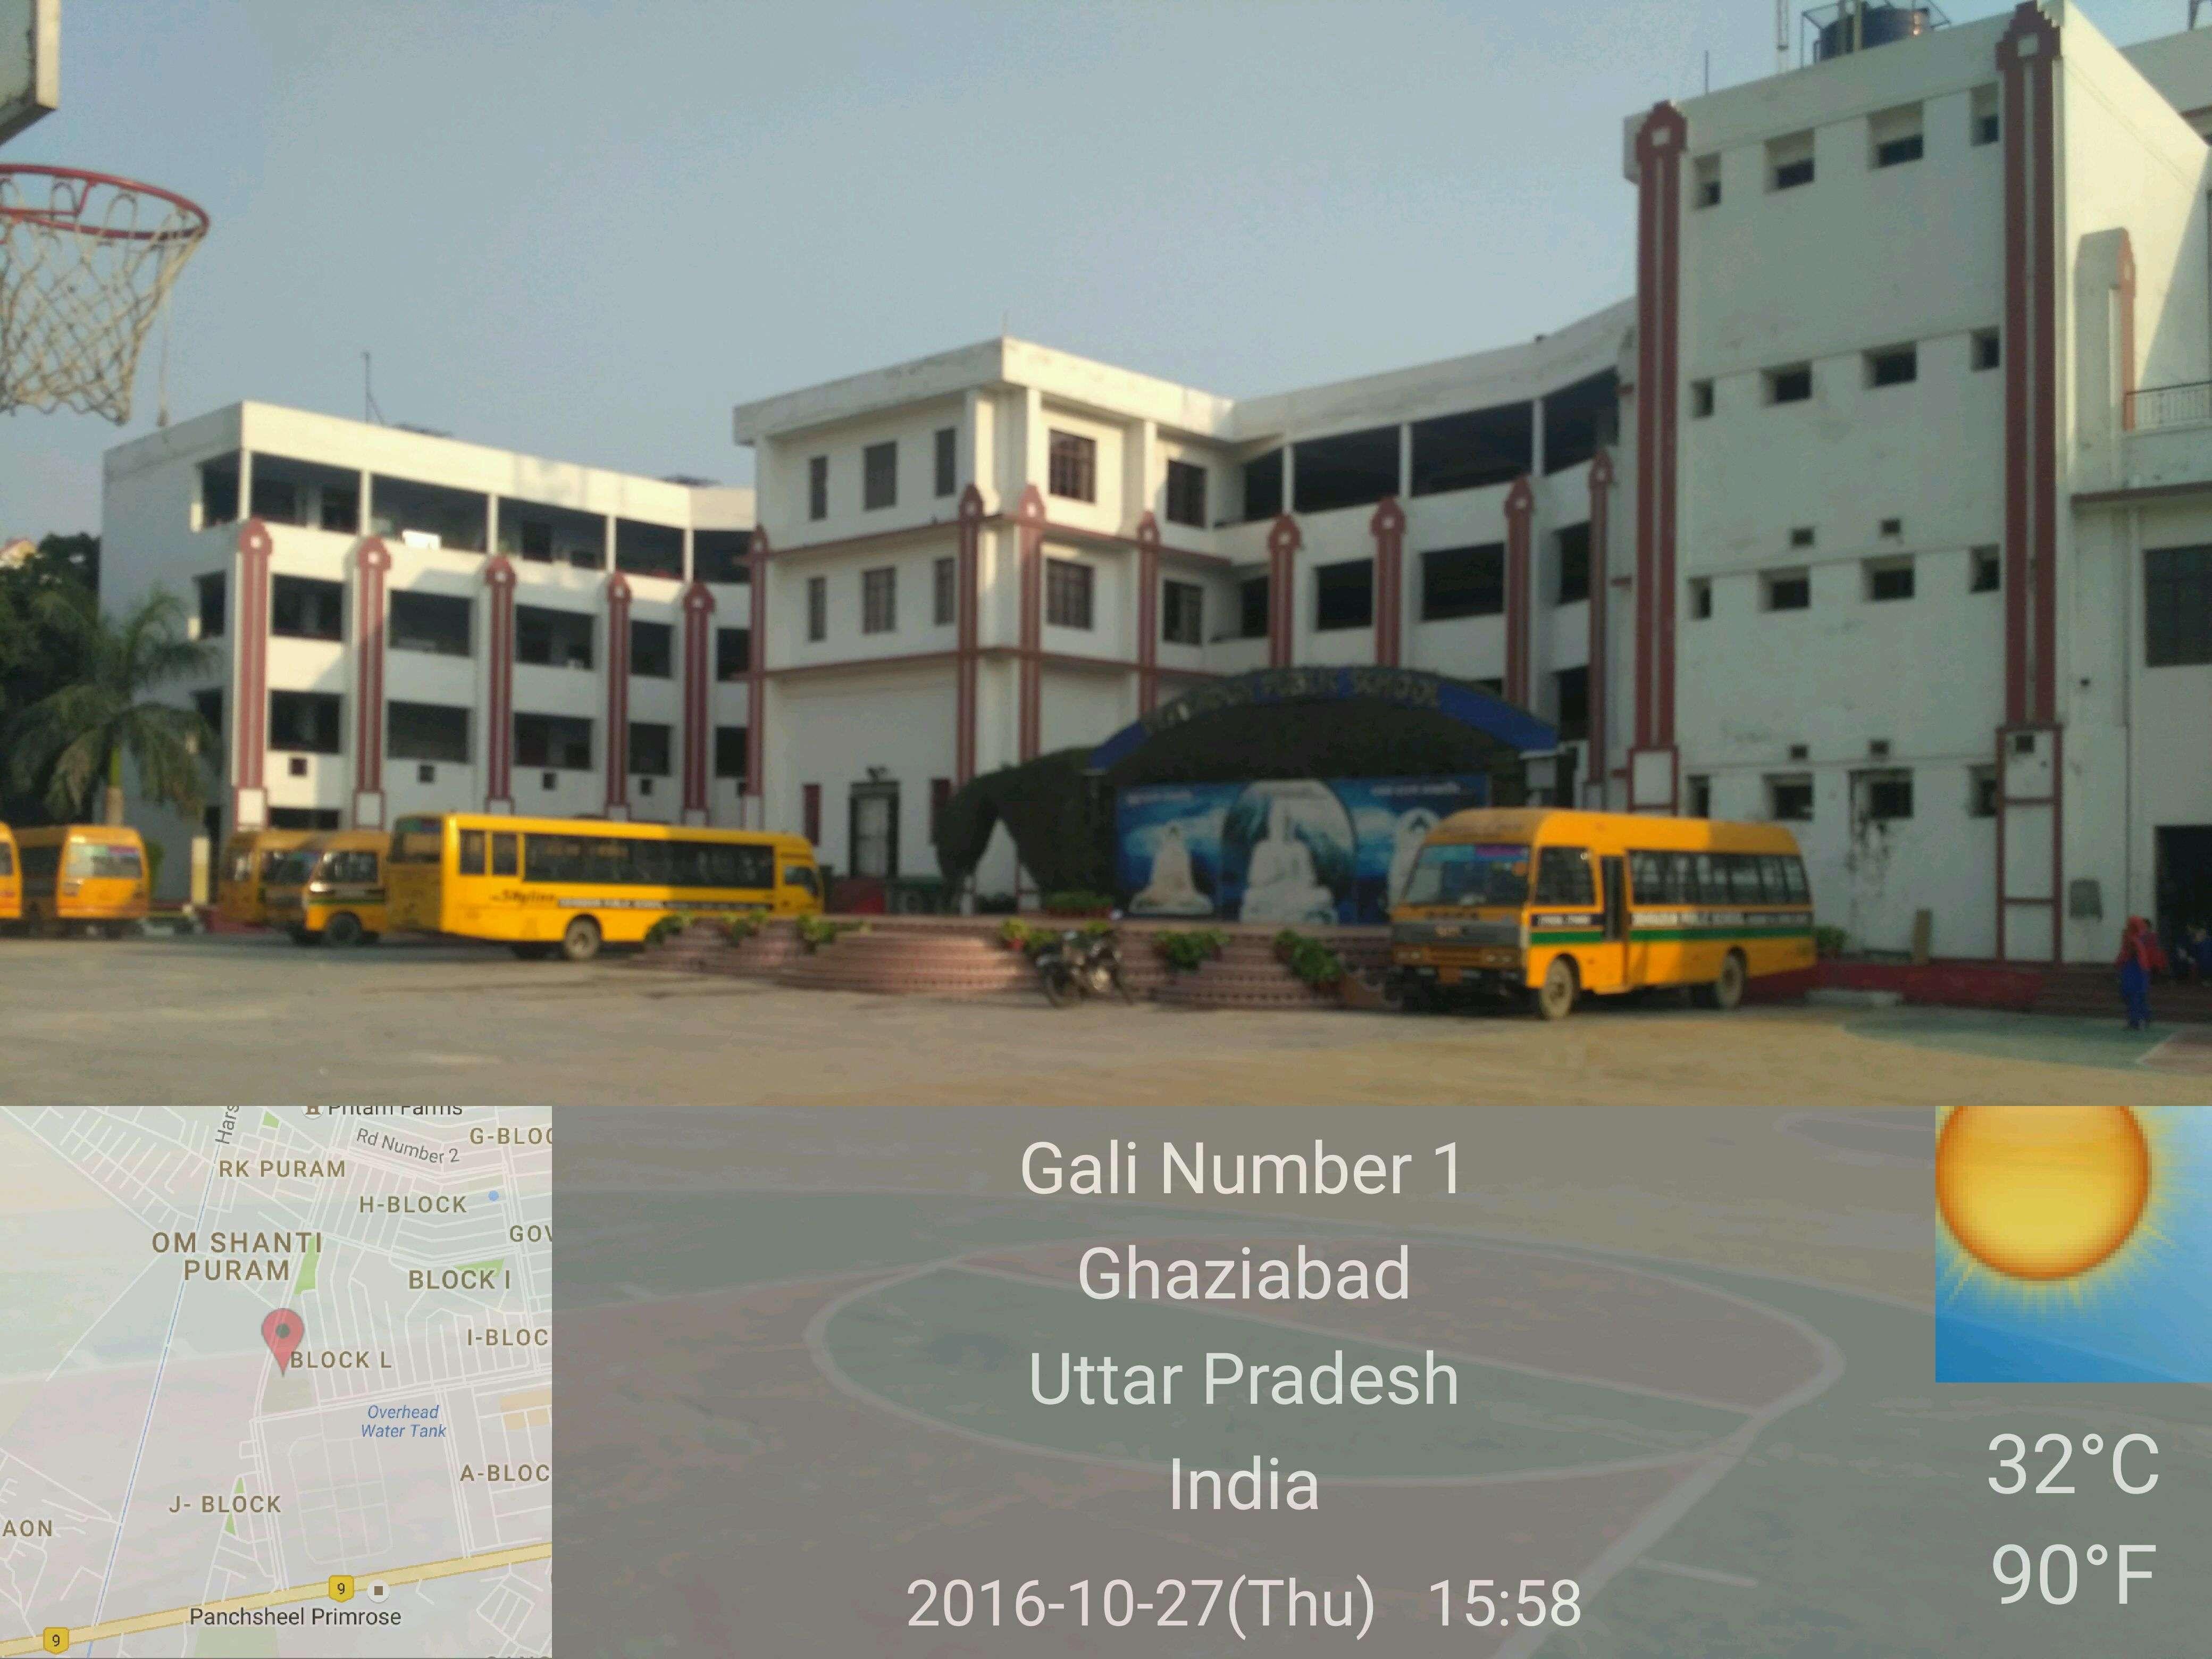 DEHRADUN PUBLIC SCHOOL I BLOCK GOVIND PURAM GHAZIABAD UTTAR PRADESH 2130620